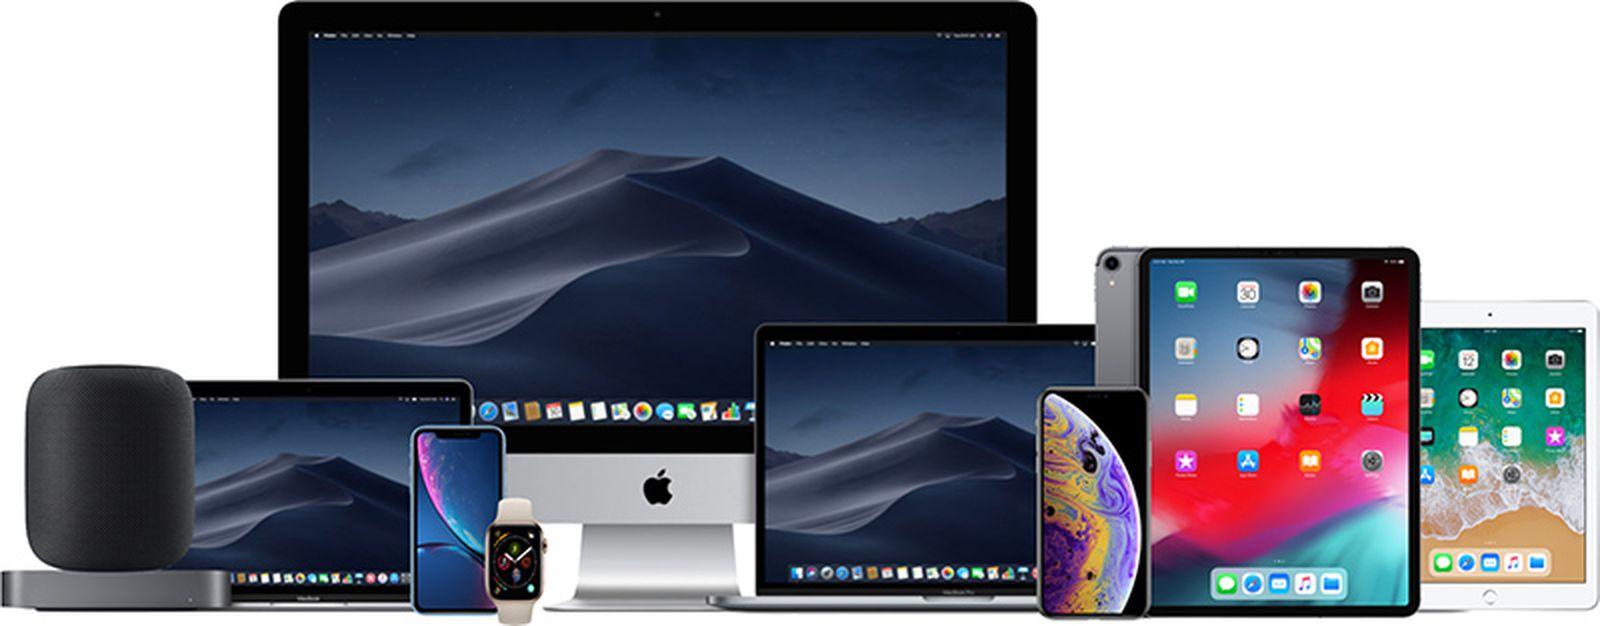 Beveiligingsupdates voor Mac en iOS apparaten | TechConnect